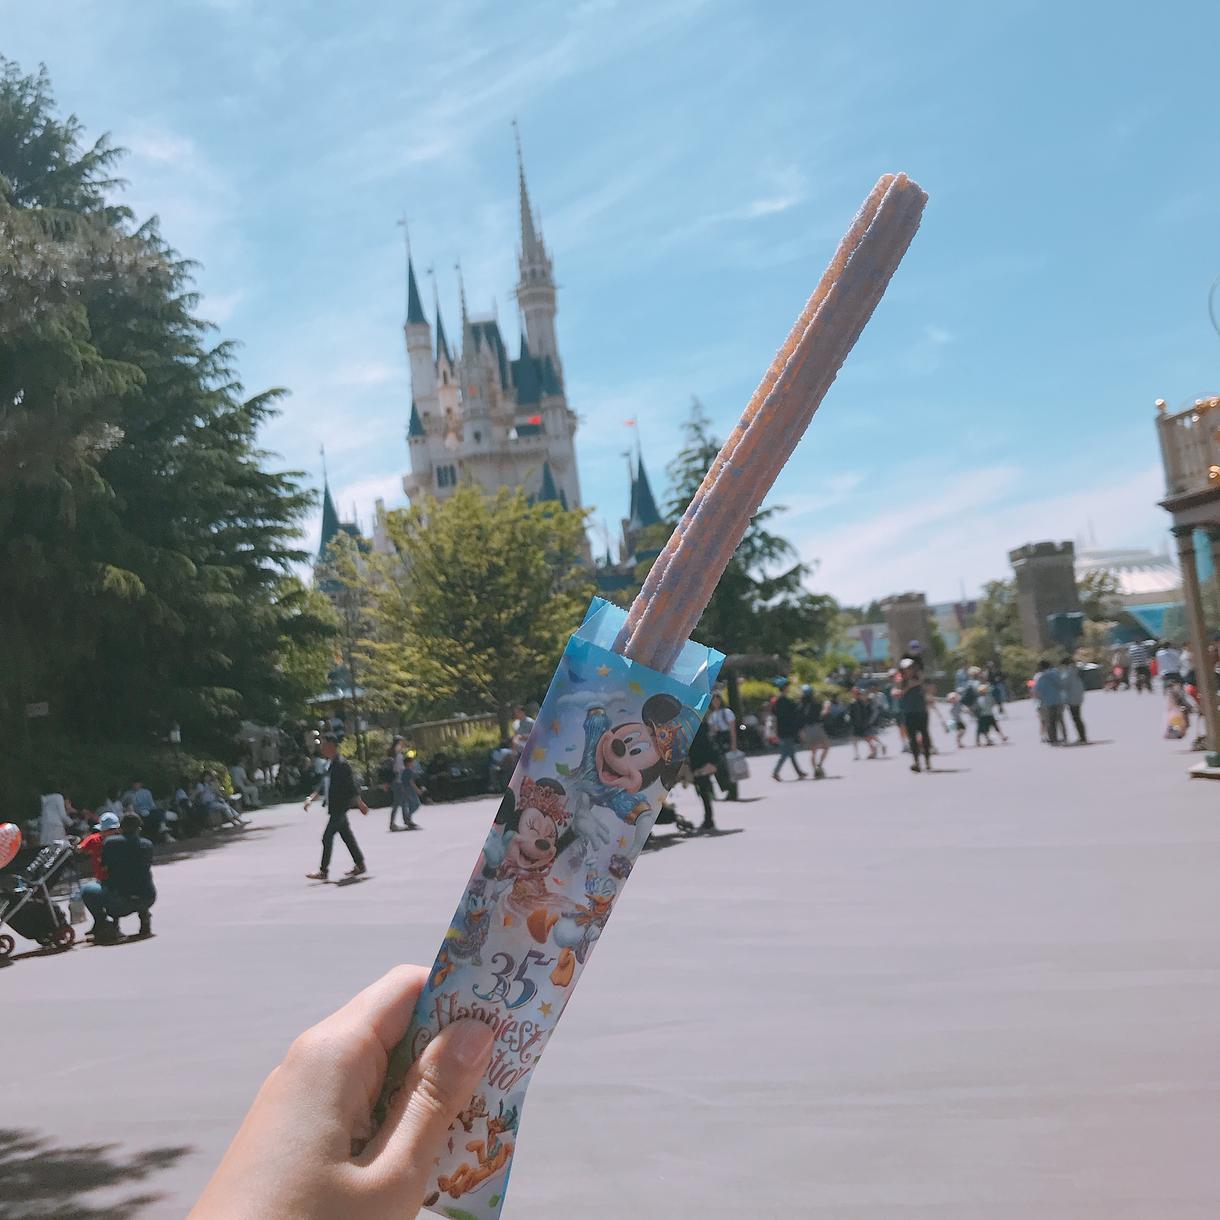 最高な旅行をプランニングします 東京ディズニーリゾート/WDW でステキな思い出を作ろう!